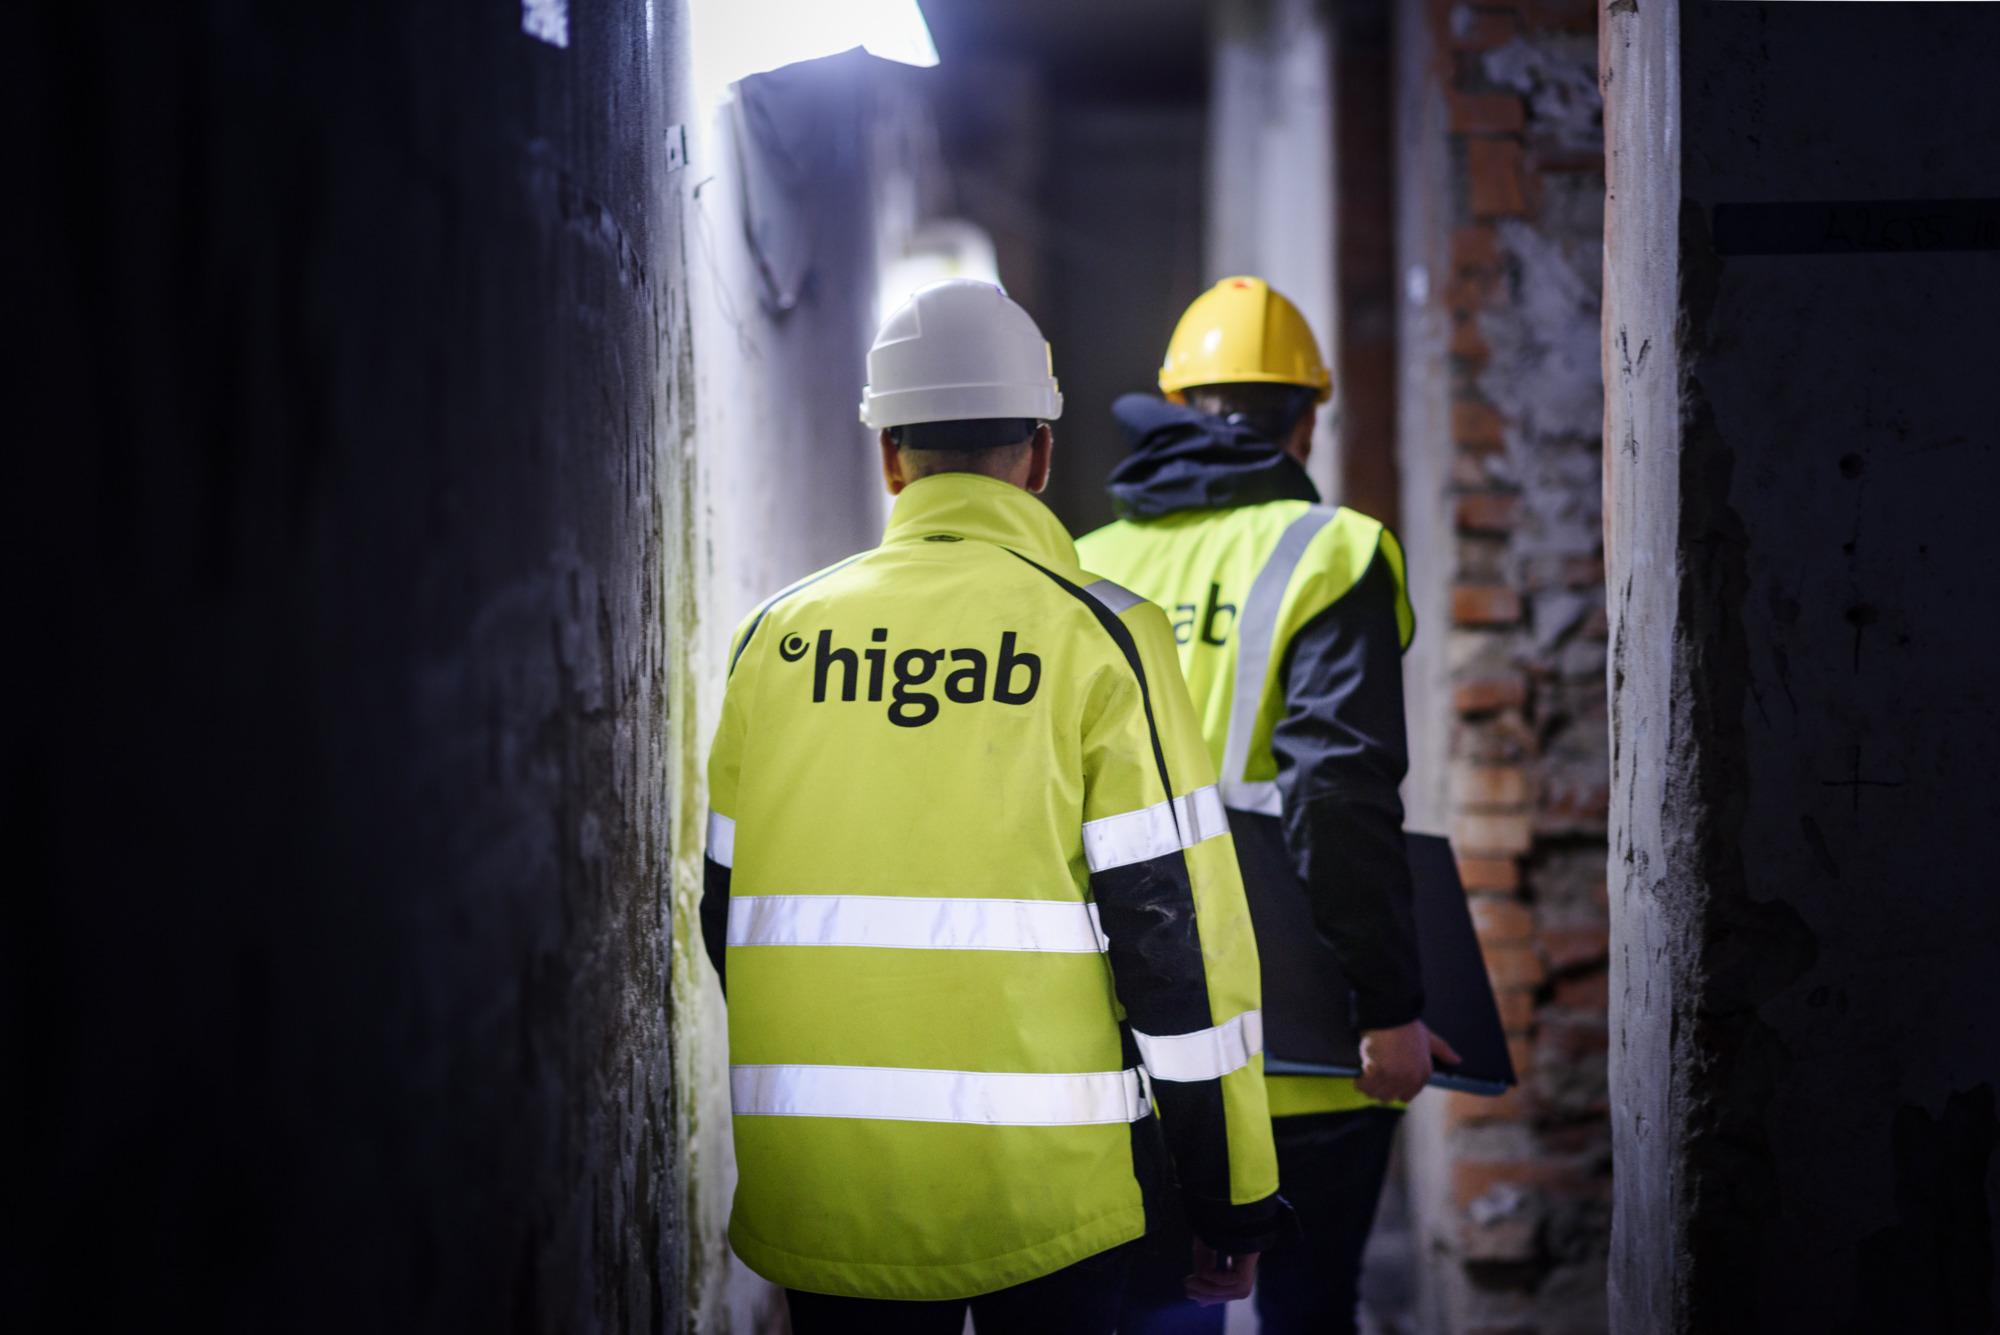 Två män i reflexjackor går på en byggarbetsplats.